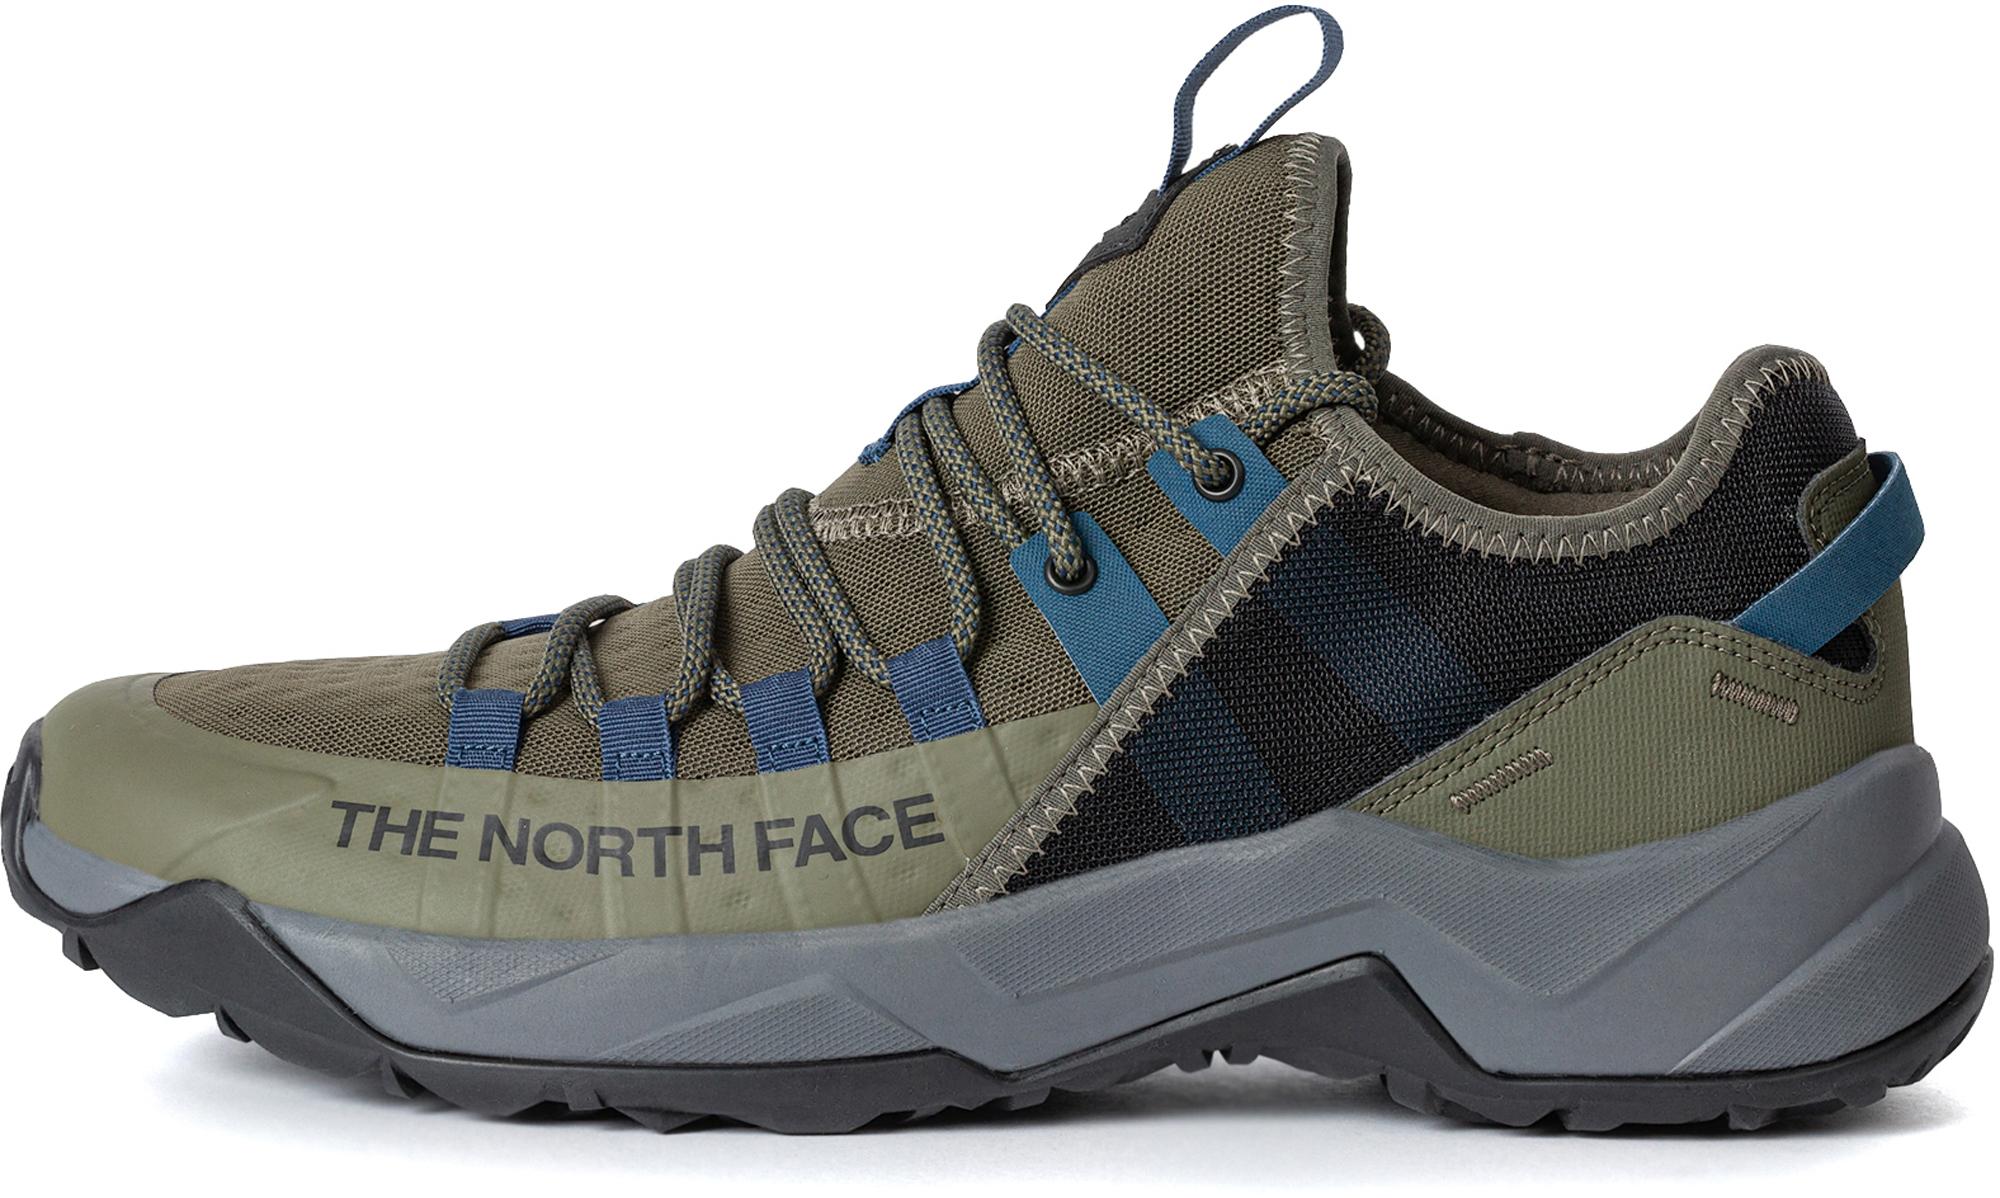 цена The North Face Полуботинки мужские The North Face Trail Escape Edge, размер 40 онлайн в 2017 году